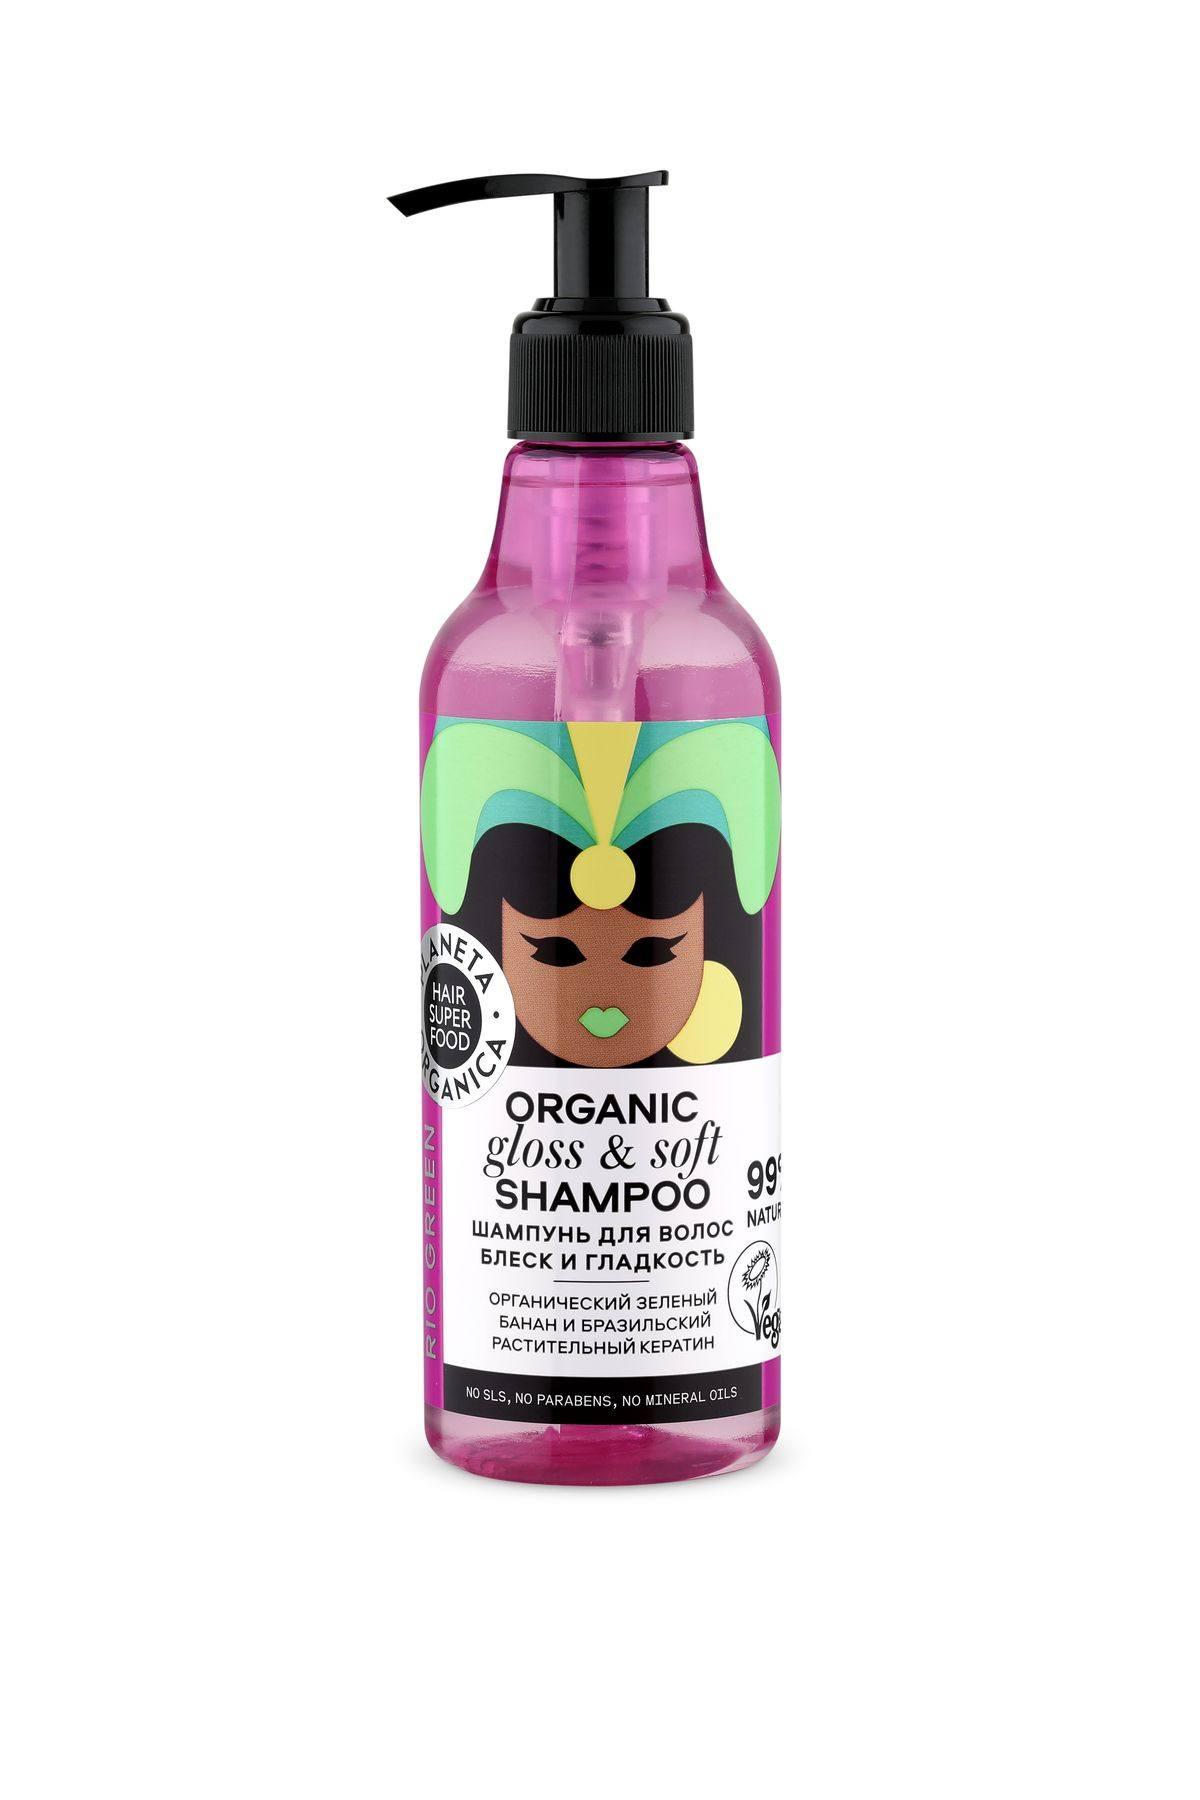 Купить Planeta Organica Hair Super Food Шампунь для волос Блеск и гладкость Organic shampoo Gloss & soft , 250 мл (shop: Organic-shops Organic shops)